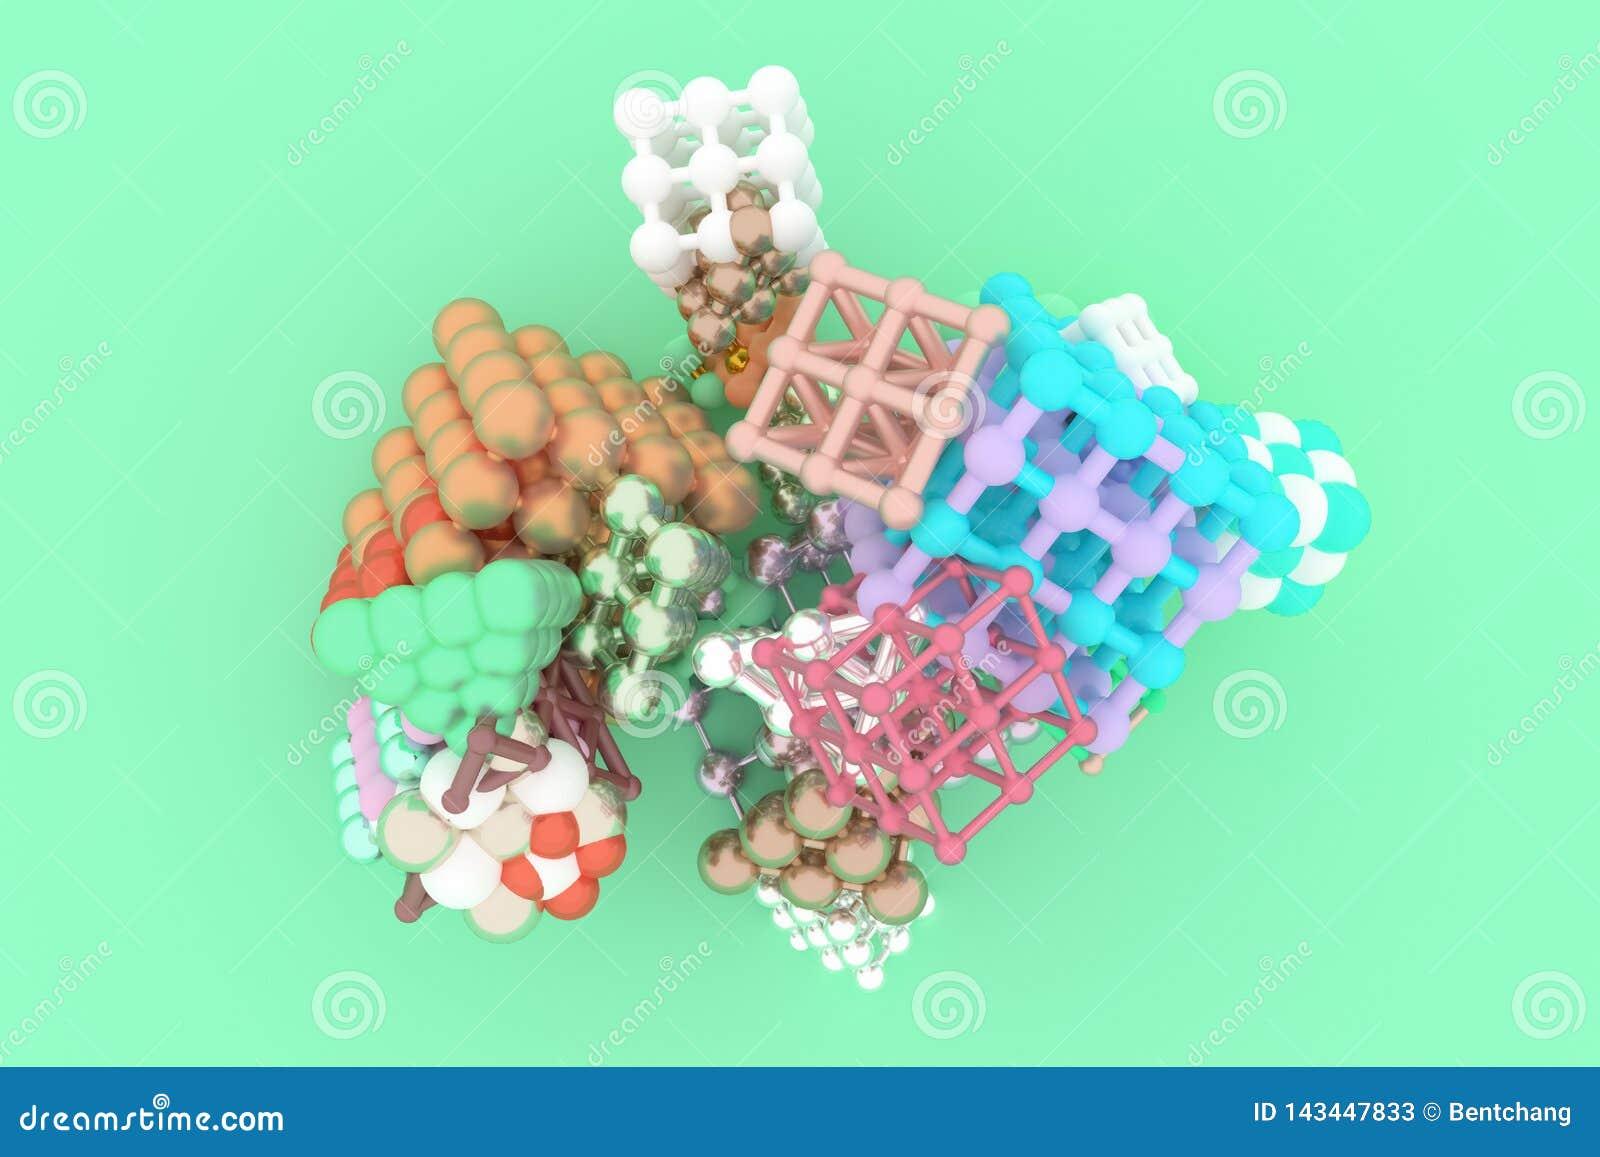 Concepture стиля молекулы, блокировать квадрат или пирамиды, для текстуры дизайна & предпосылки перевод 3d